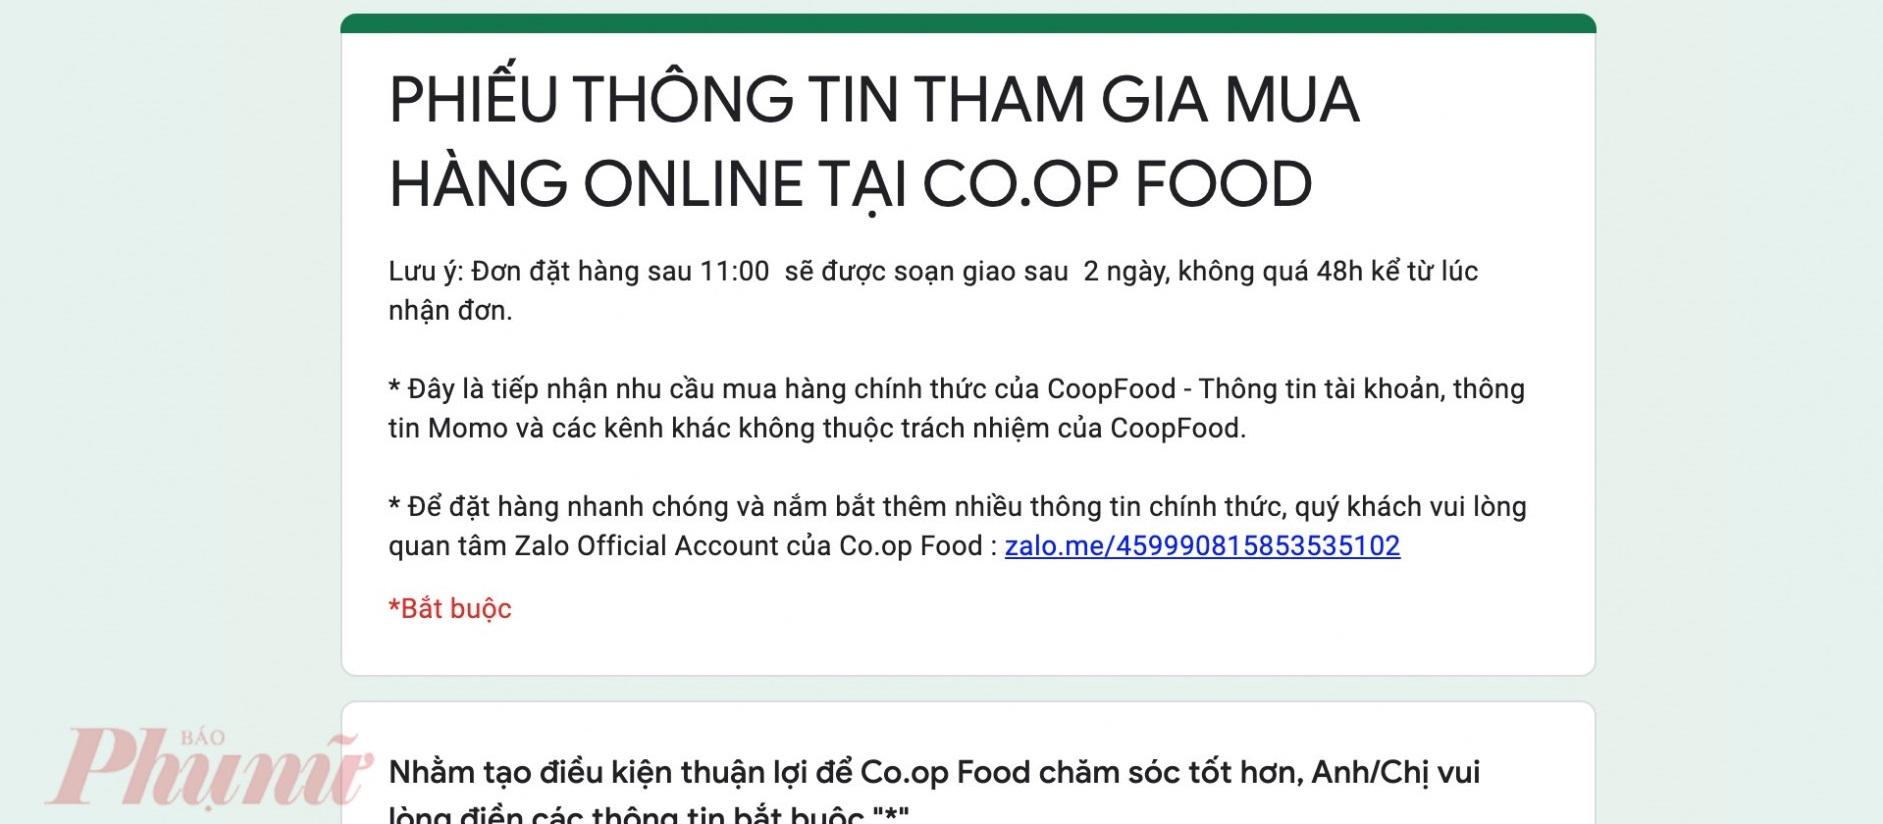 Phiếu thông tin tham gia mua hàng online vừa được chuỗi cửa hàng Co.opFood triển khai